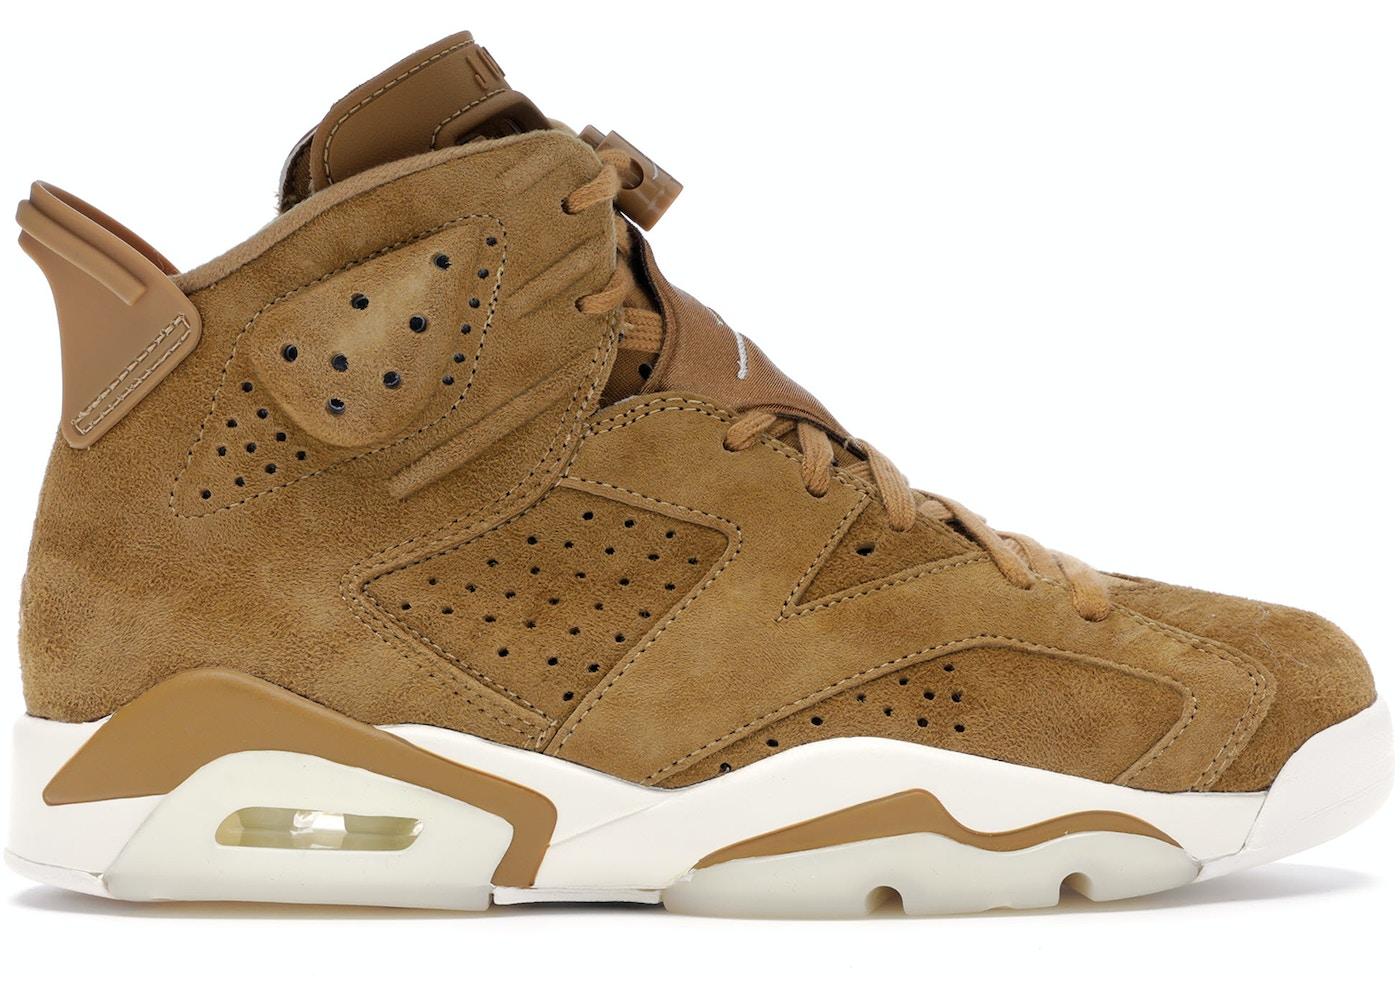 2cc04de11c14d9 Jordan 6 Retro Wheat - 384664-705